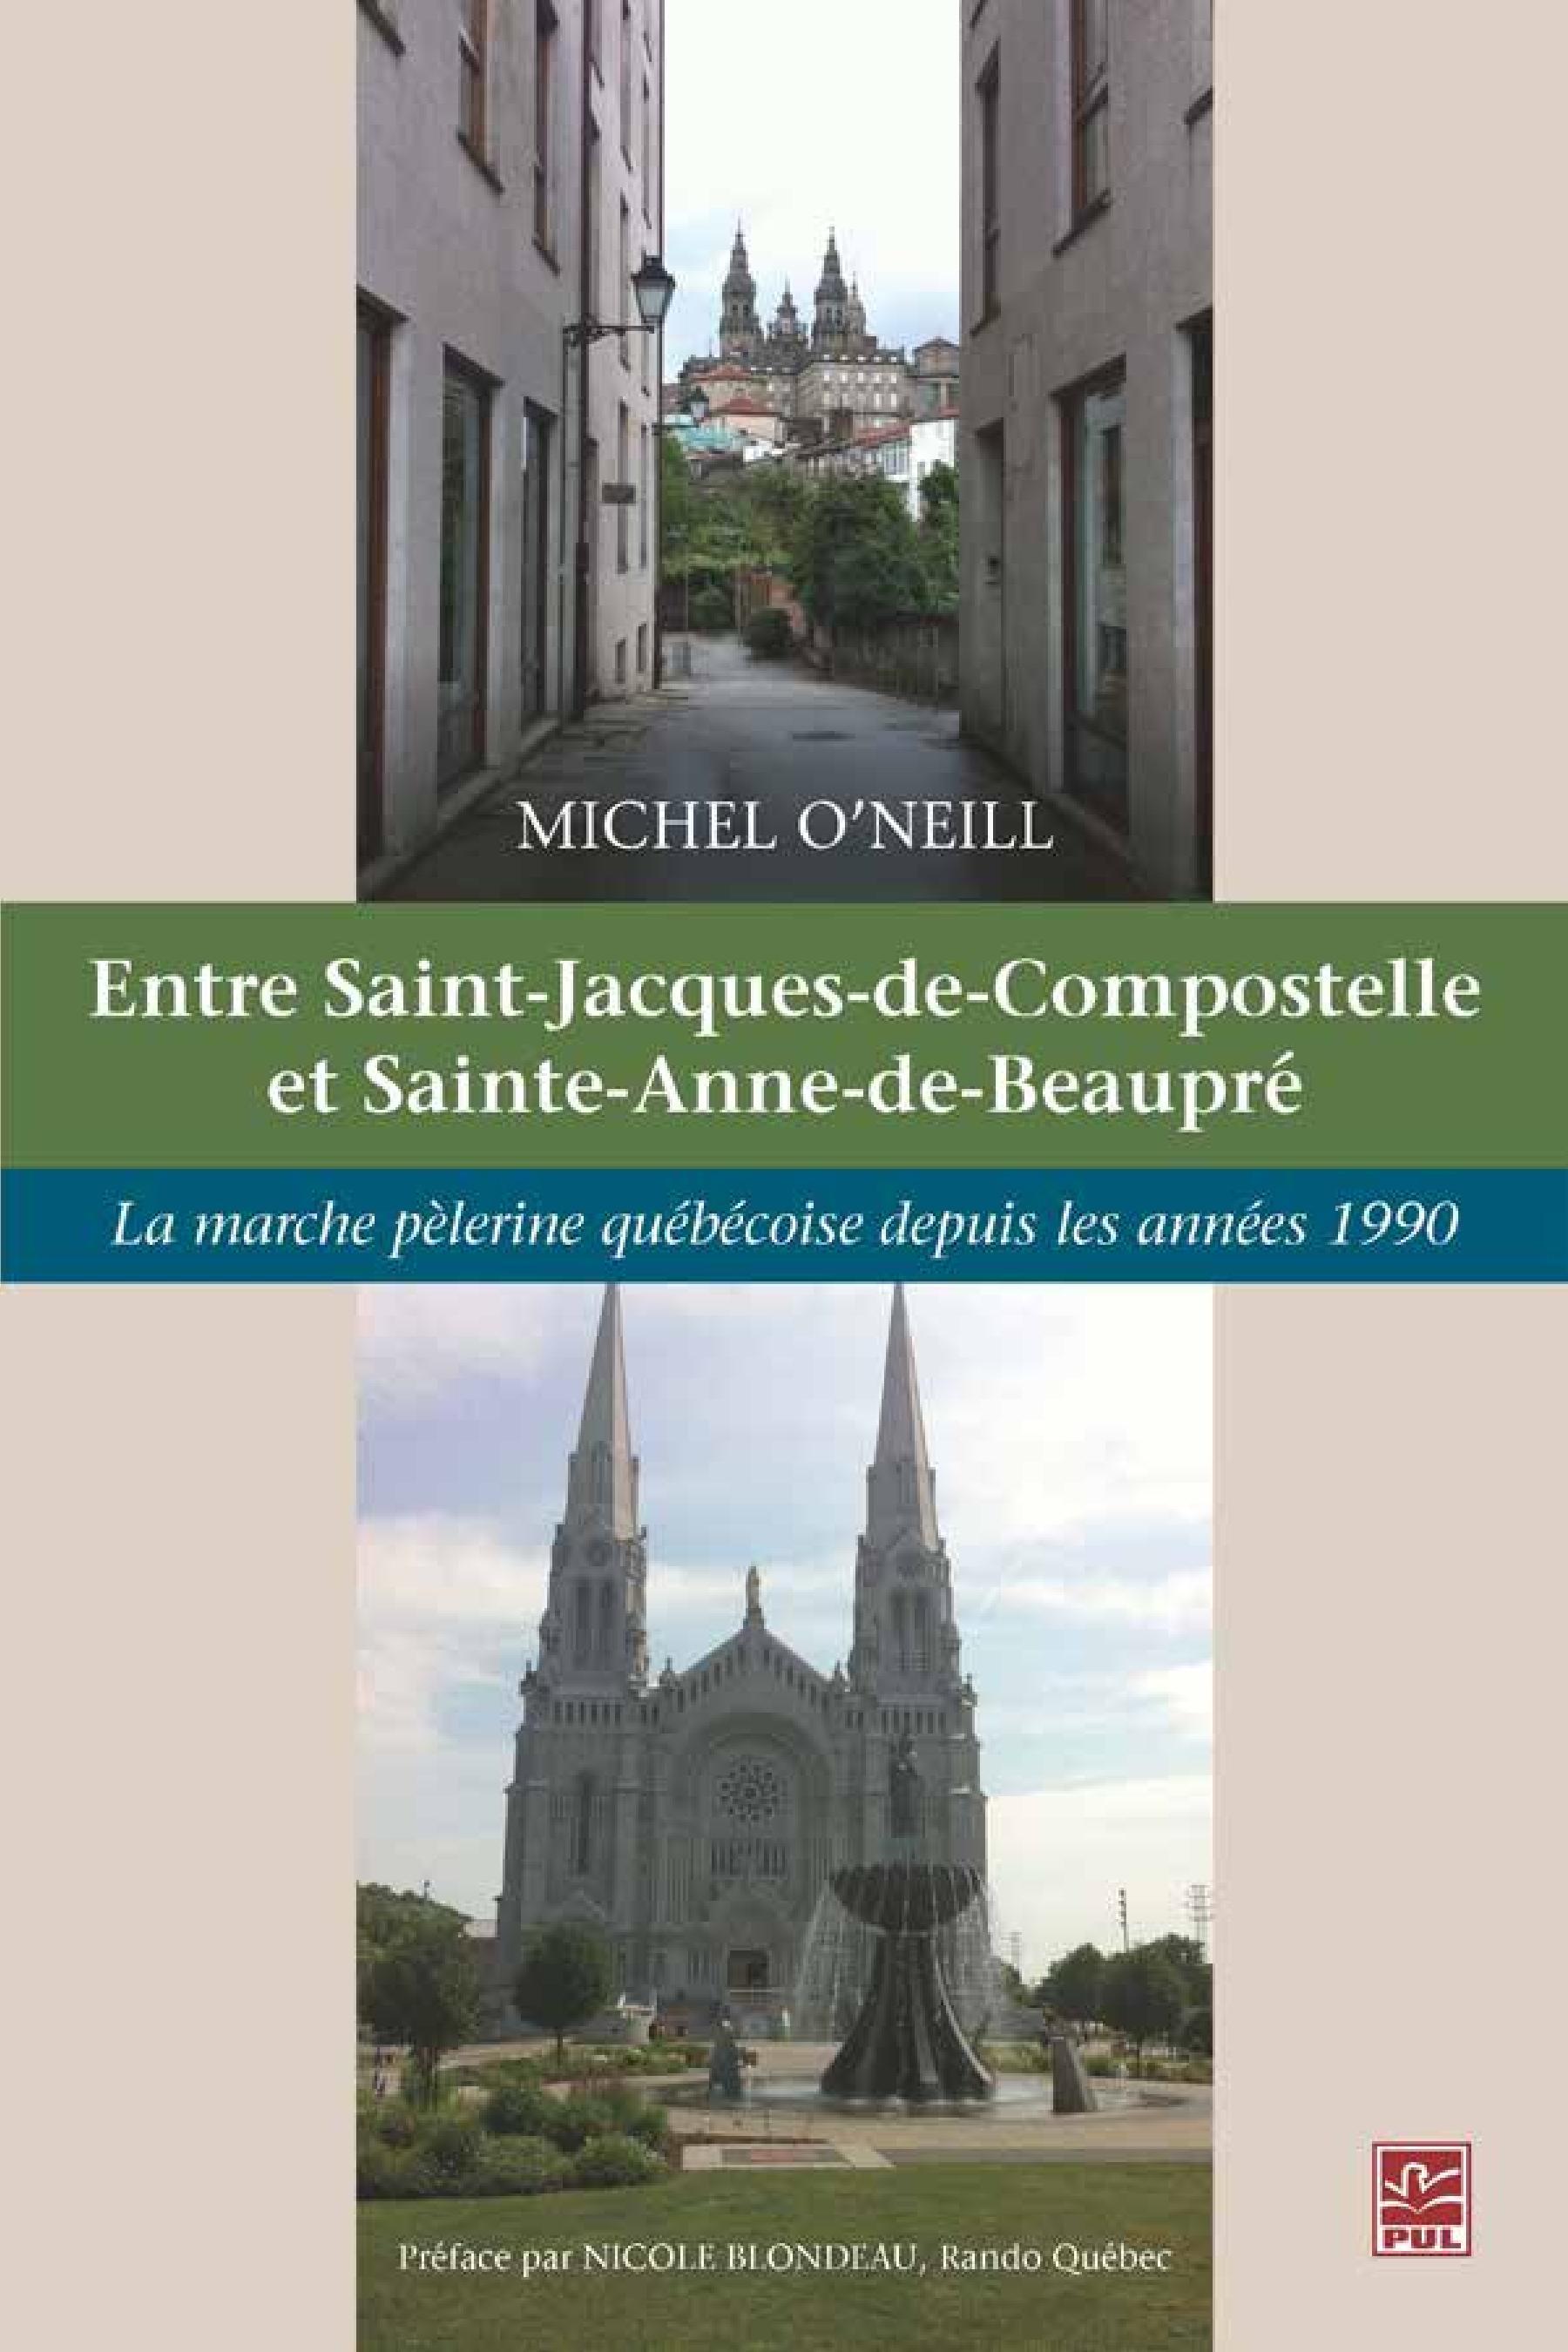 Entre Saint-Jacques-de-Compostelle et Sainte-Anne-de-Beaupré